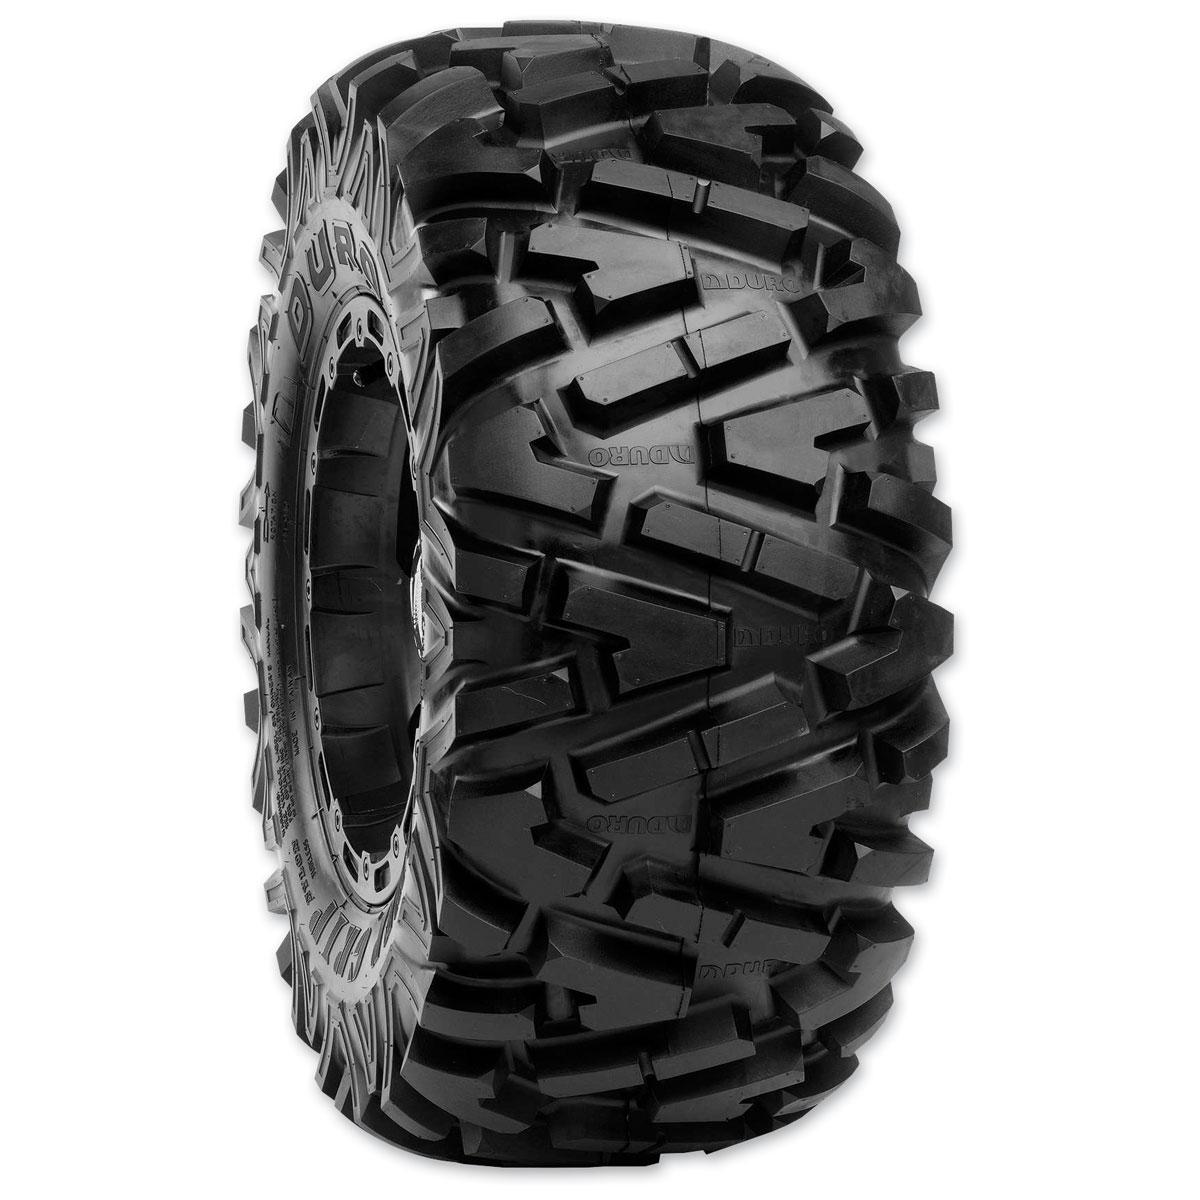 Duro DI2025 26X11R14 Front/Rear Tire